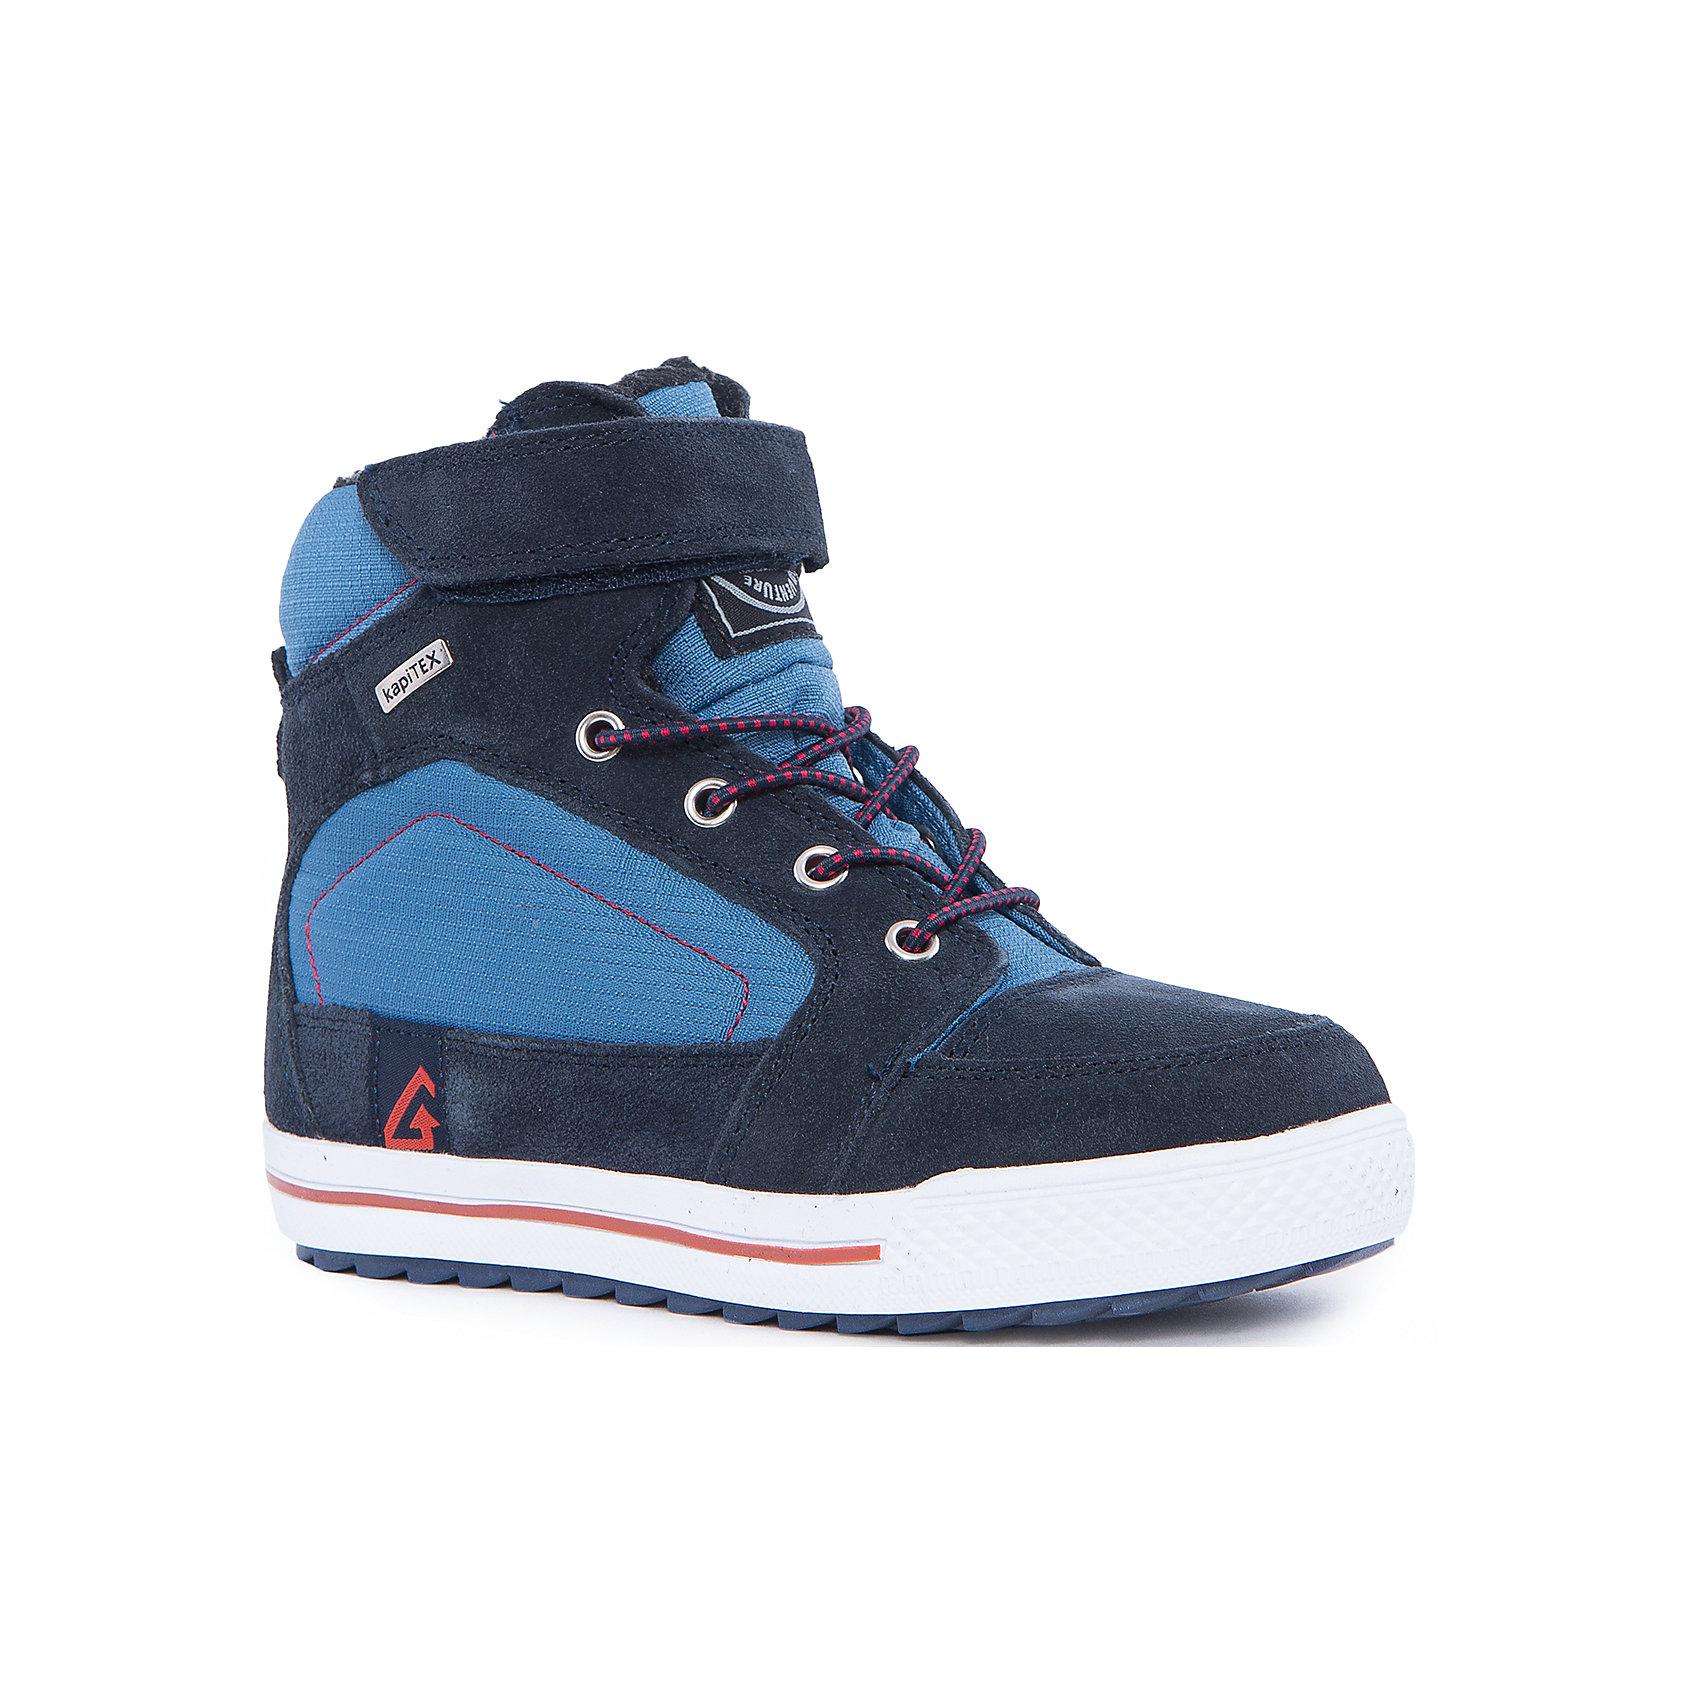 Ботинки для мальчика KAPIKAБотинки<br>Ботинки для мальчика KAPIKA.<br><br>Температурный режим: до -10 градусов. Степень утепления – низкая. <br><br>* Температурный режим указан приблизительно — необходимо, прежде всего, ориентироваться на ощущения ребенка.<br><br>Стильная обувь с защитой от холода.<br>Модные и красивые удлиненные кеды можно носить в холодную погоду. Подходят для осени, весны и ранней зимы. Не пропускают влагу, защищают ногу от попадания воды внутрь через верх. Хорошая устойчивая пятка. Нога фиксируется с помощью шнурков с ограничителем и липучки.<br><br>Дополнительная информация:<br><br>- цвет: синий<br>- материал: верх - текстиль/иск.кожа; подкладка - текстиль (шерсть 35%); подошва - ТЭП<br><br>Ботинки для мальчика KAPIKA можно купить в нашем интернет магазине.<br><br>Ширина мм: 262<br>Глубина мм: 176<br>Высота мм: 97<br>Вес г: 427<br>Цвет: синий<br>Возраст от месяцев: 108<br>Возраст до месяцев: 120<br>Пол: Мужской<br>Возраст: Детский<br>Размер: 33,36,37,34,35<br>SKU: 4987917